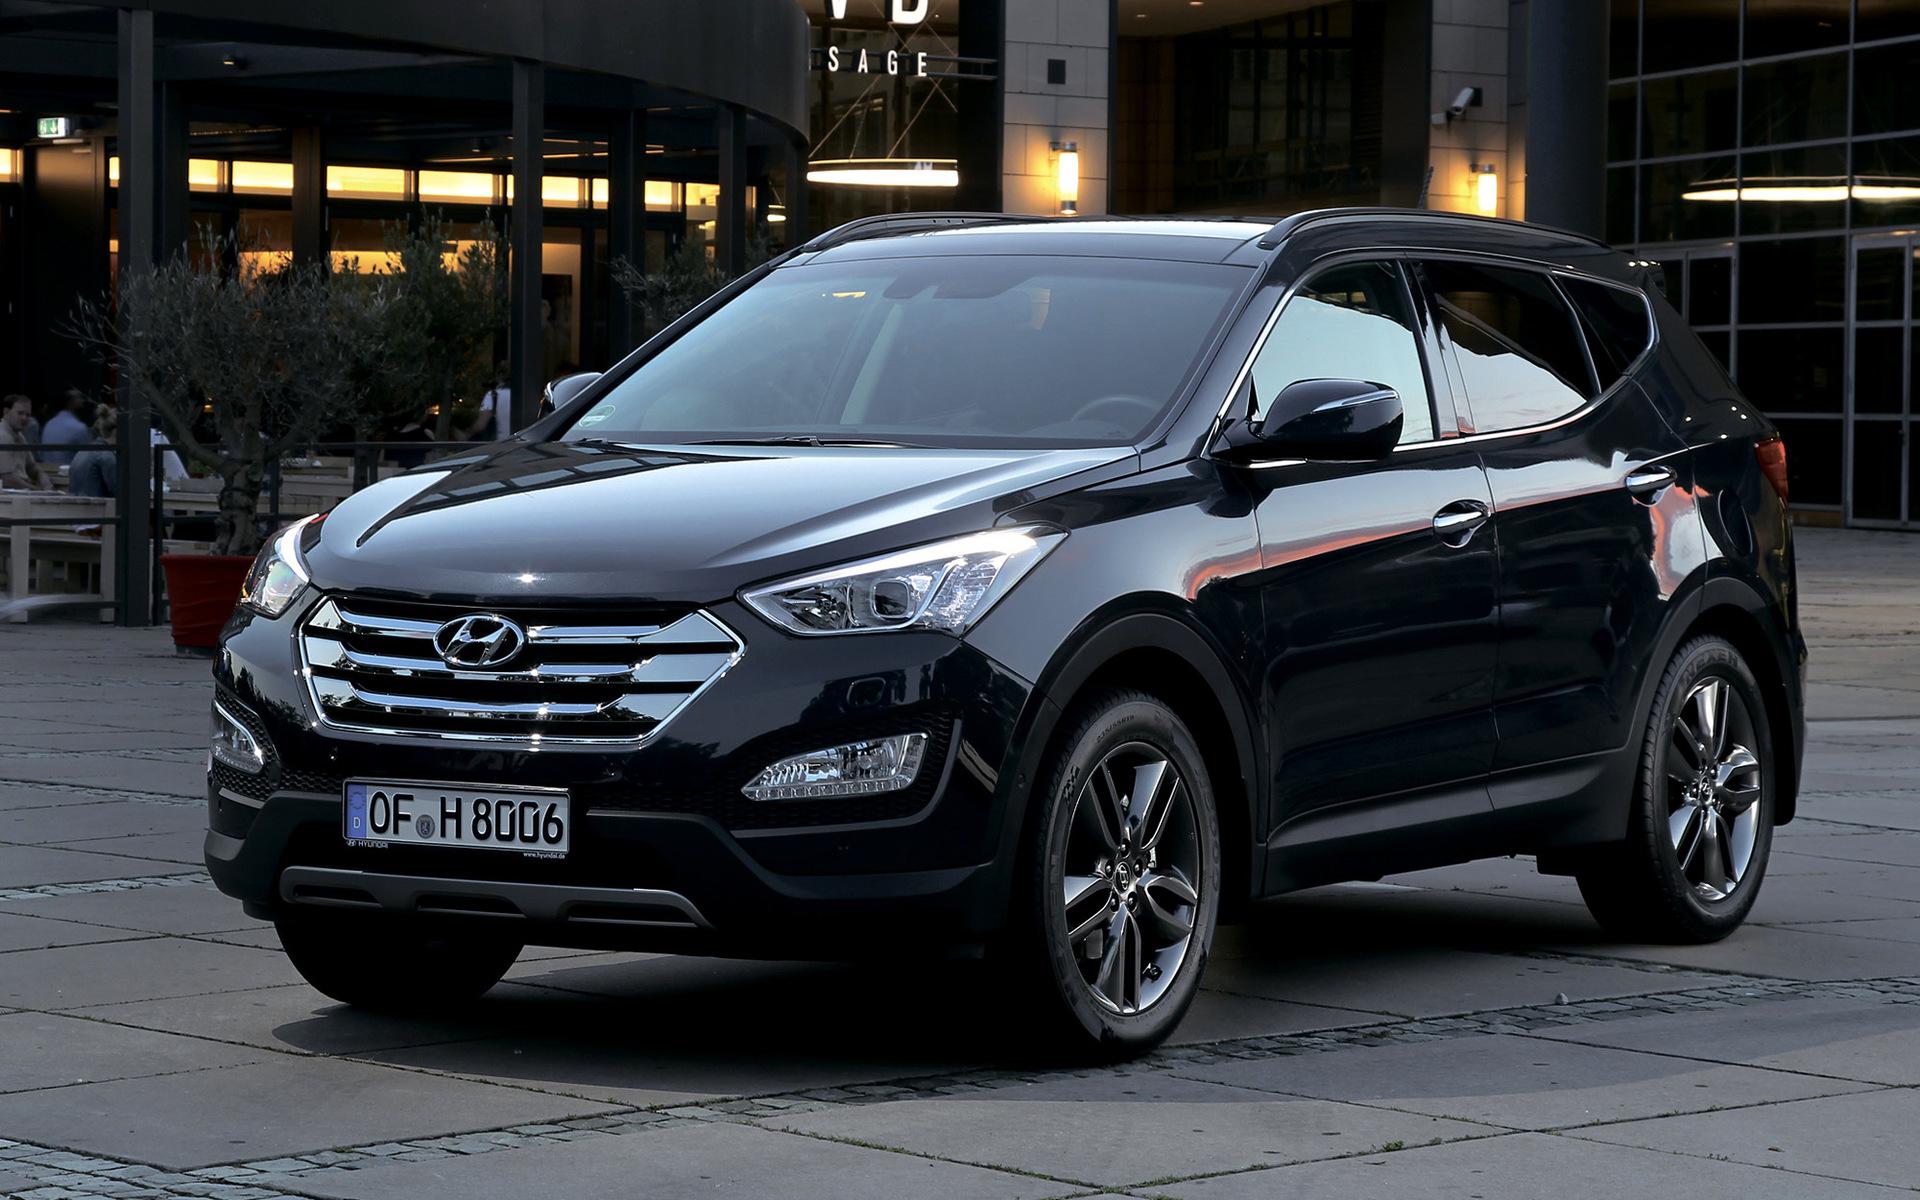 Santa Fe Ford >> Hyundai Santa Fe (2012) Wallpapers and HD Images - Car Pixel